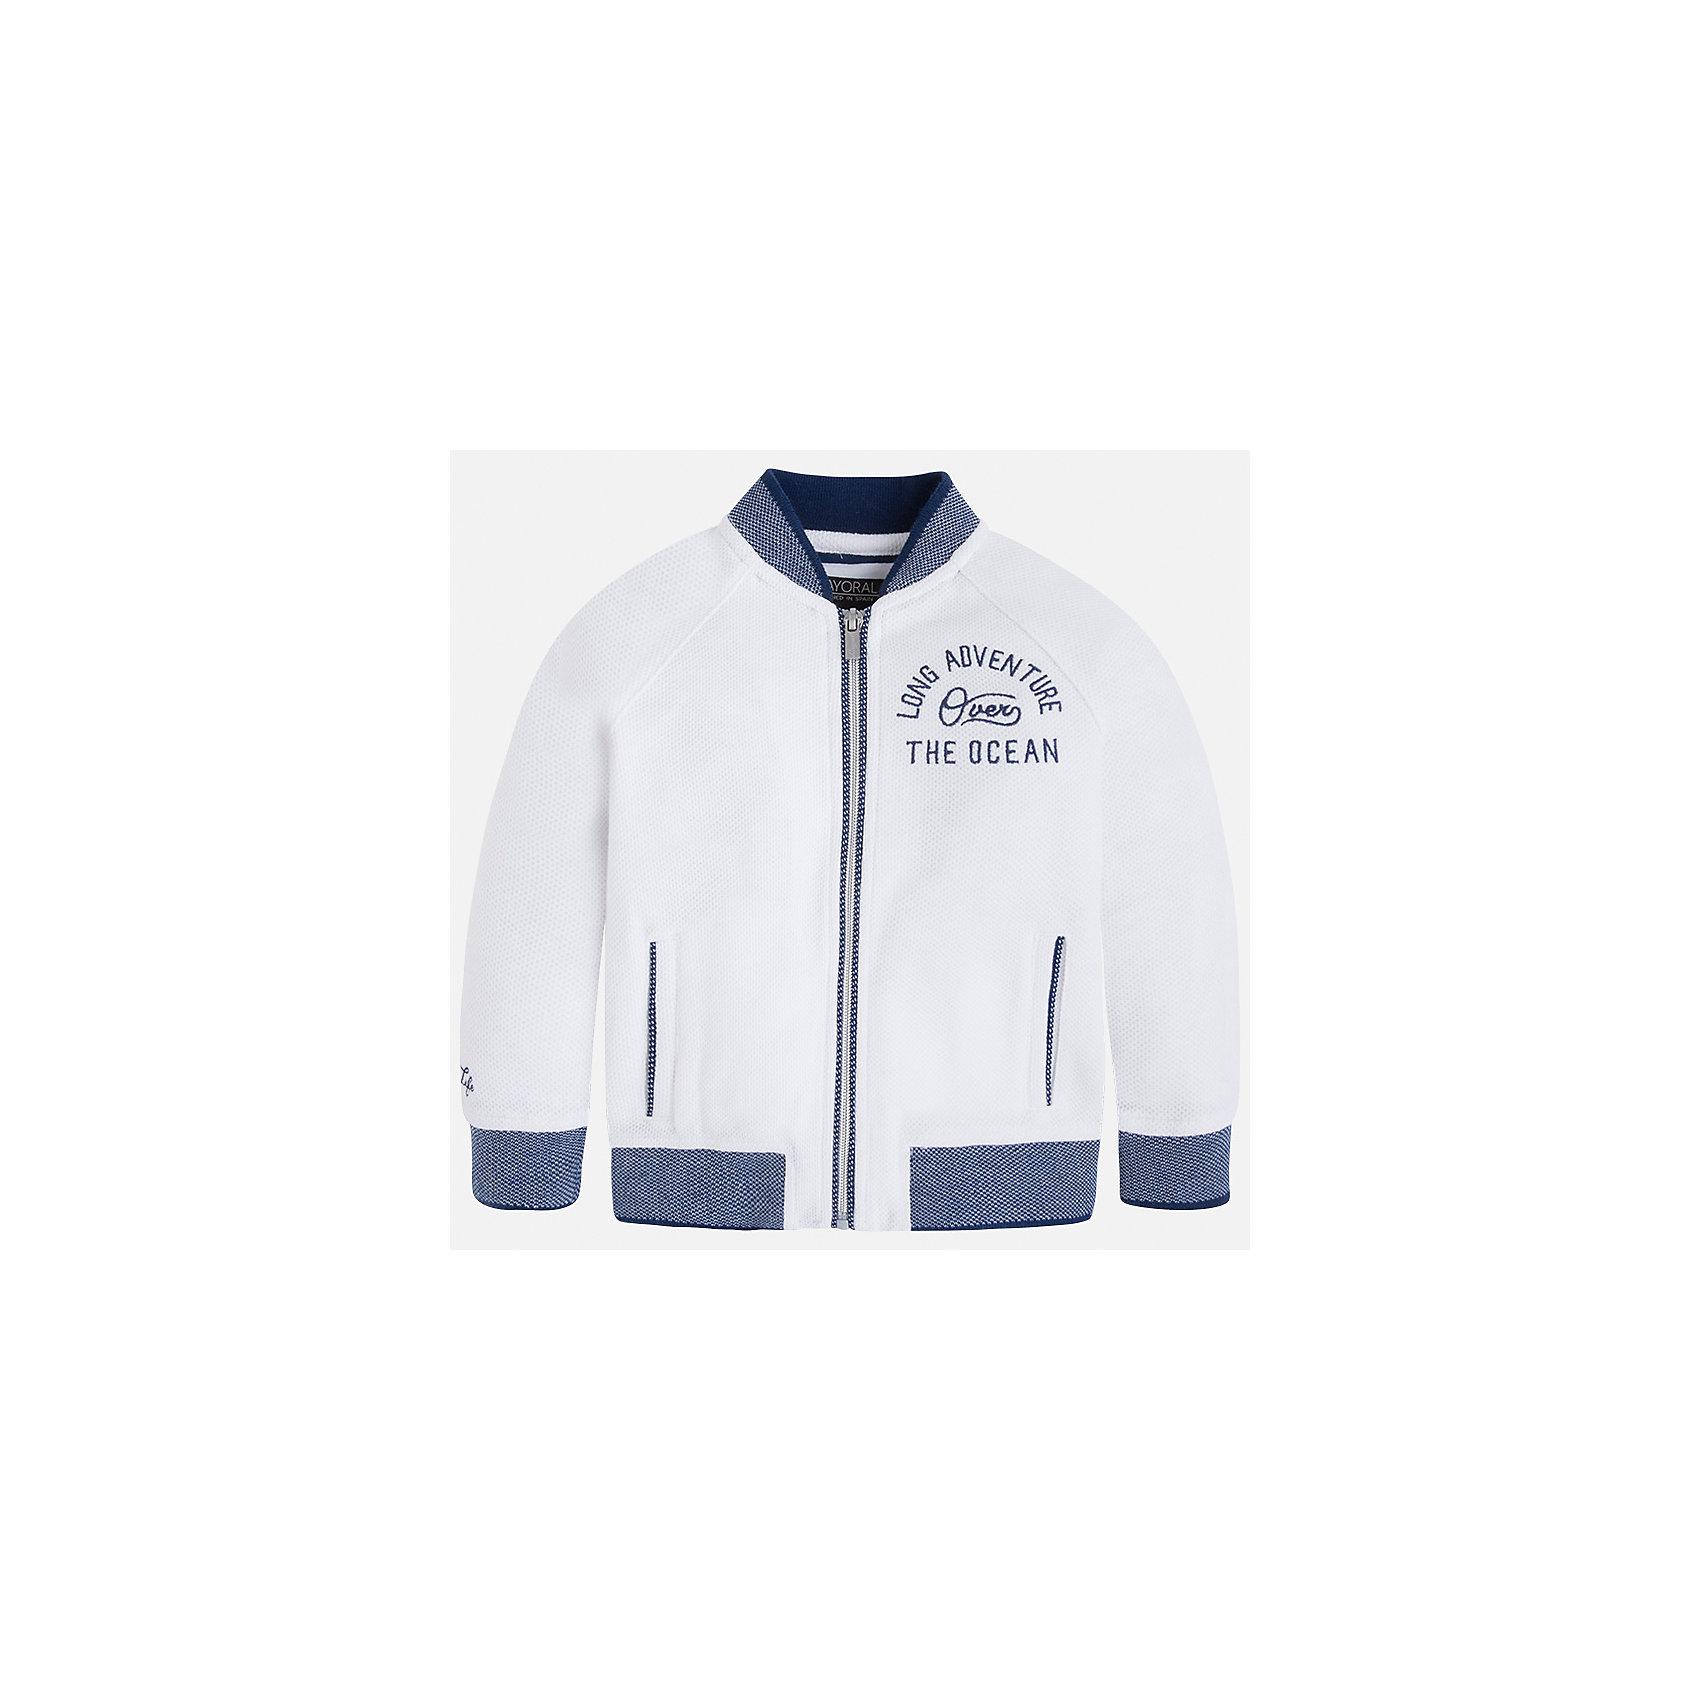 Куртка для мальчика MayoralВерхняя одежда<br>Характеристики товара:<br><br>• цвет: белый<br>• состав: 60% хлопок, 40% полиэстер<br>• рукава длинные <br>• карманы<br>• застежка: молния<br>• вышивка<br>• страна бренда: Испания<br><br>Теплая одежда может быть очень стильной! Удобная и красивая куртка для мальчика поможет разнообразить гардероб ребенка и обеспечить комфорт. Она отлично сочетается и с джинсами, и с брюками. Универсальный цвет позволяет подобрать к вещи низ различных расцветок. Интересная отделка модели делает её нарядной и оригинальной. В составе материала - натуральный хлопок, гипоаллергенный, приятный на ощупь, дышащий.<br><br>Одежда, обувь и аксессуары от испанского бренда Mayoral полюбились детям и взрослым по всему миру. Модели этой марки - стильные и удобные. Для их производства используются только безопасные, качественные материалы и фурнитура. Порадуйте ребенка модными и красивыми вещами от Mayoral! <br><br>Куртку для мальчика от испанского бренда Mayoral (Майорал) можно купить в нашем интернет-магазине.<br><br>Ширина мм: 356<br>Глубина мм: 10<br>Высота мм: 245<br>Вес г: 519<br>Цвет: белый<br>Возраст от месяцев: 96<br>Возраст до месяцев: 108<br>Пол: Мужской<br>Возраст: Детский<br>Размер: 134,128,122,110,104,98,92,116<br>SKU: 5280540